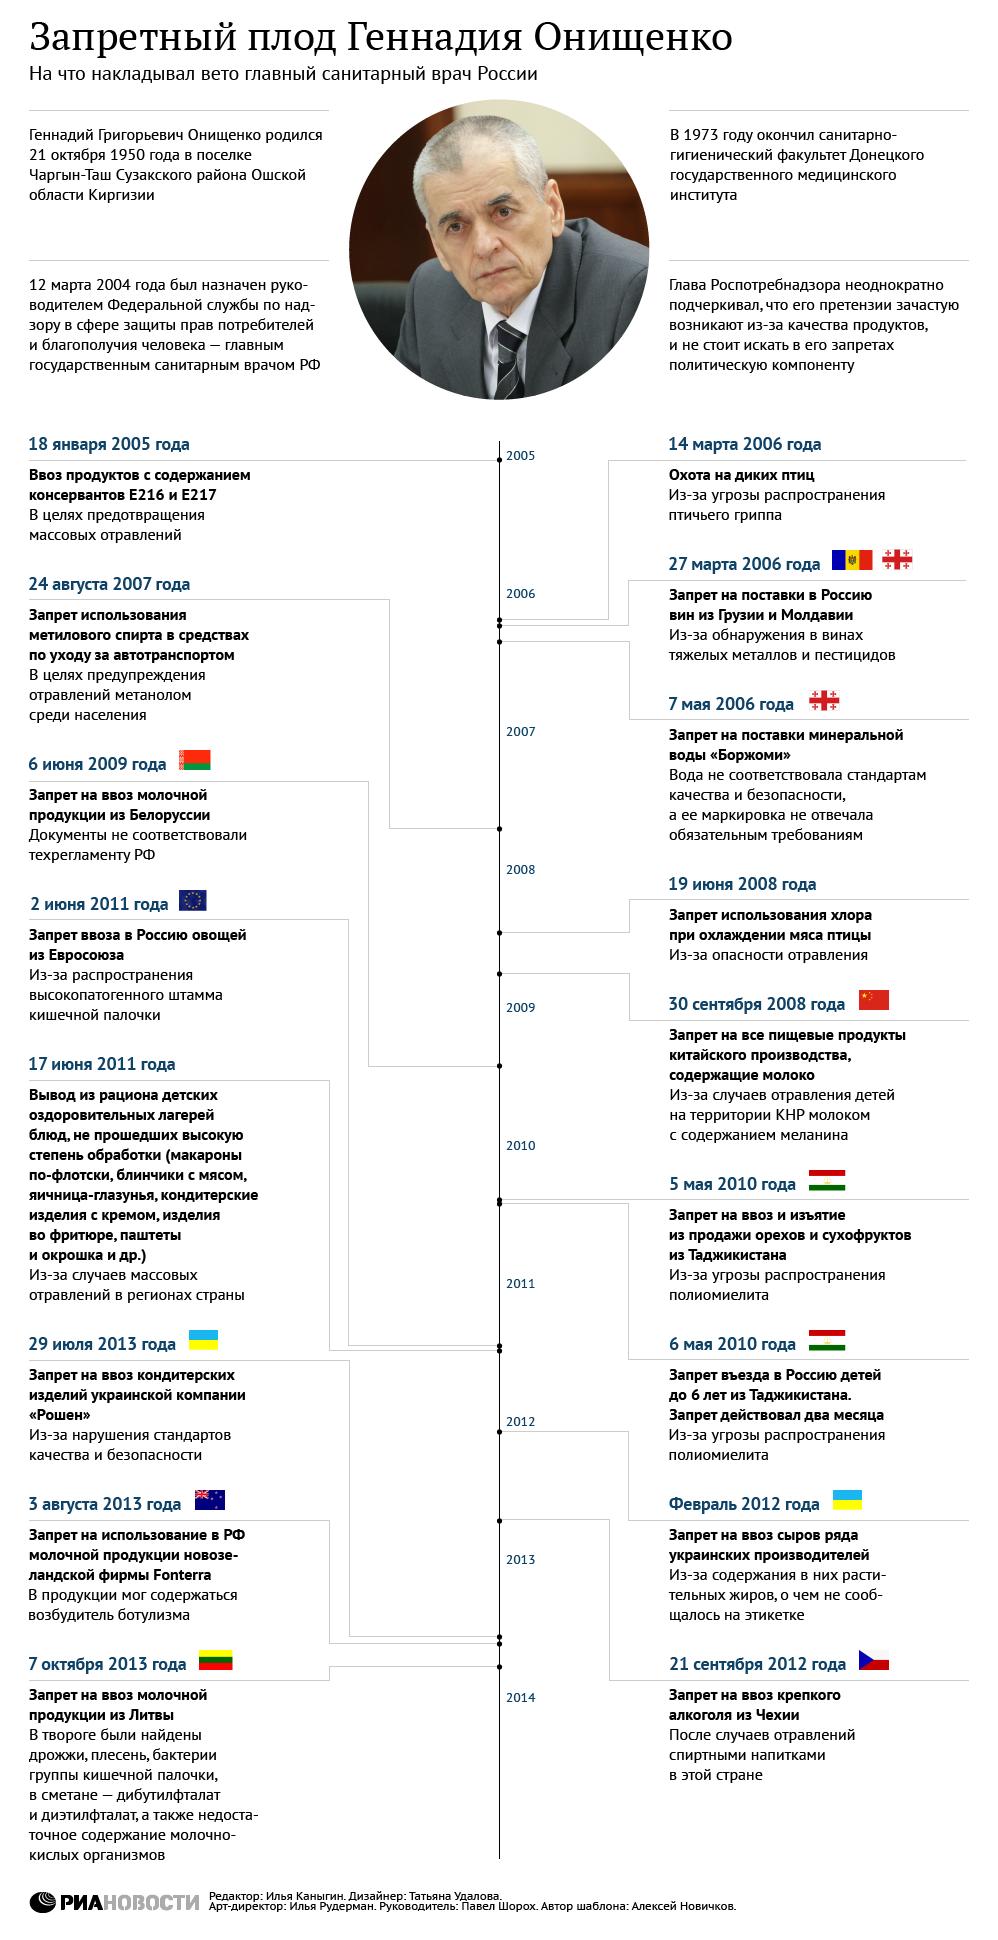 Конфеты, сыр и вино: что запрещал Геннадий Онищенко